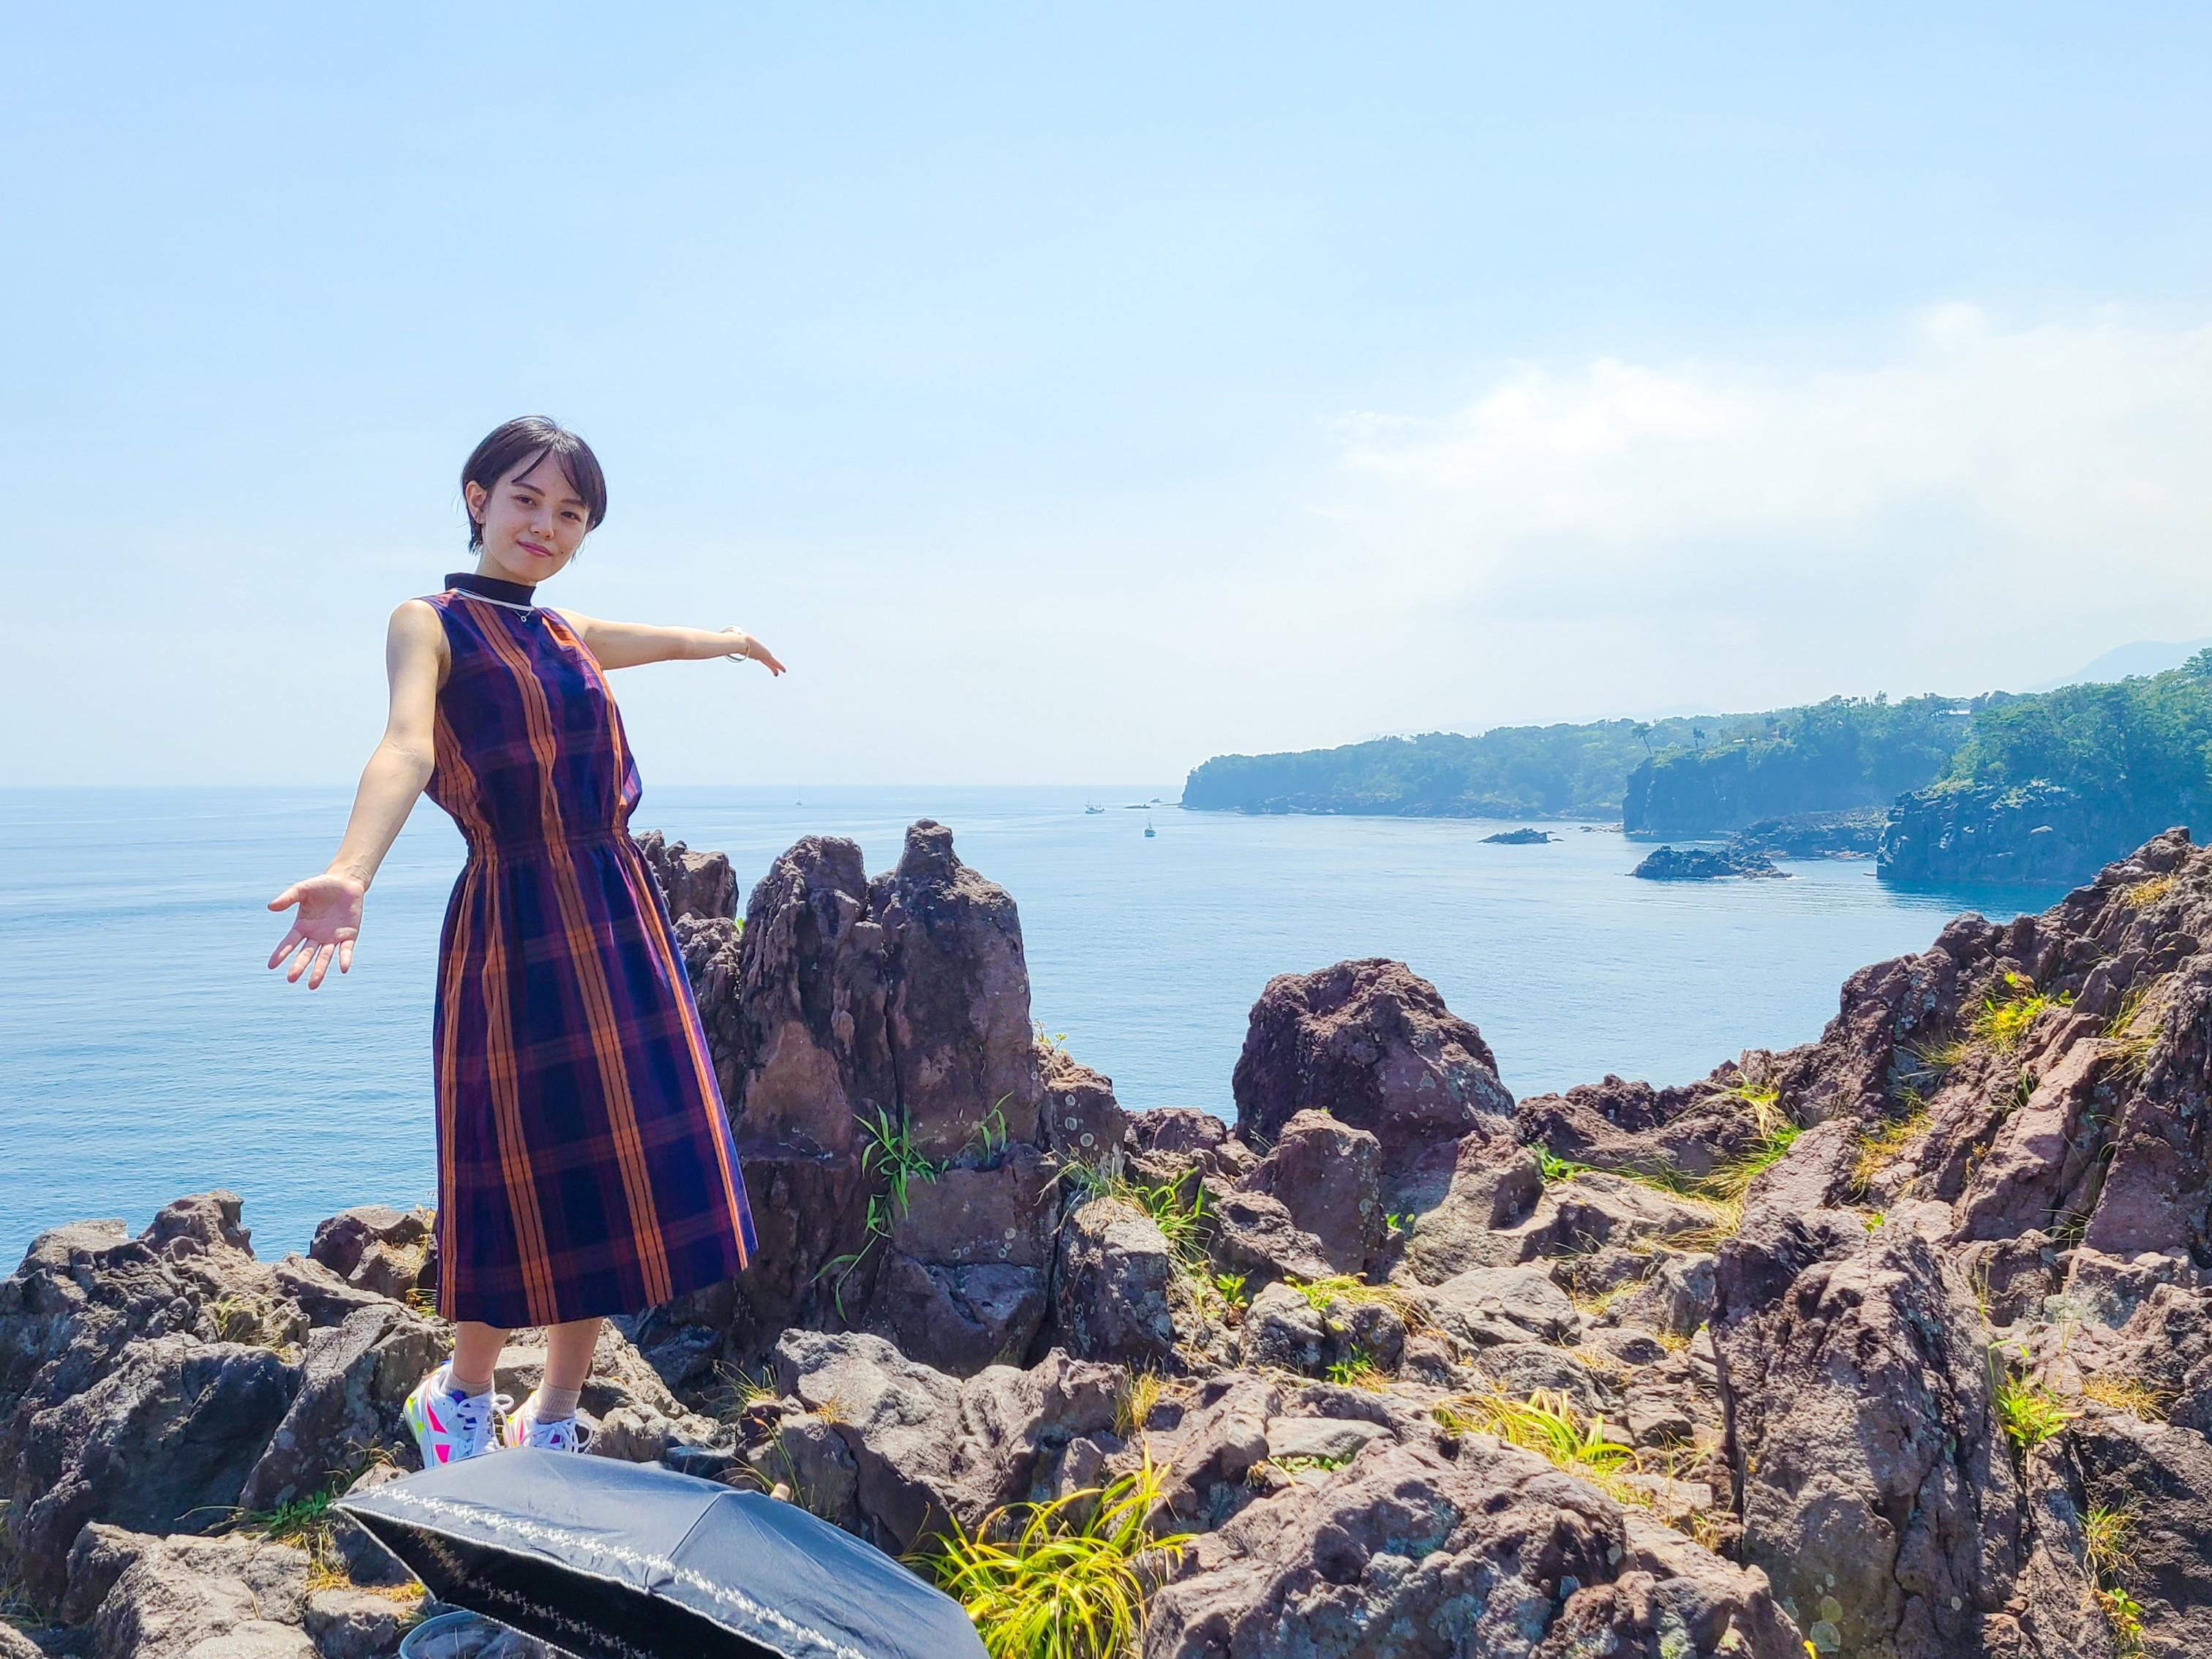 【女子旅におすすめ】静岡県・伊東市!大自然&星野リゾート界で楽しむのんびり旅☆_1